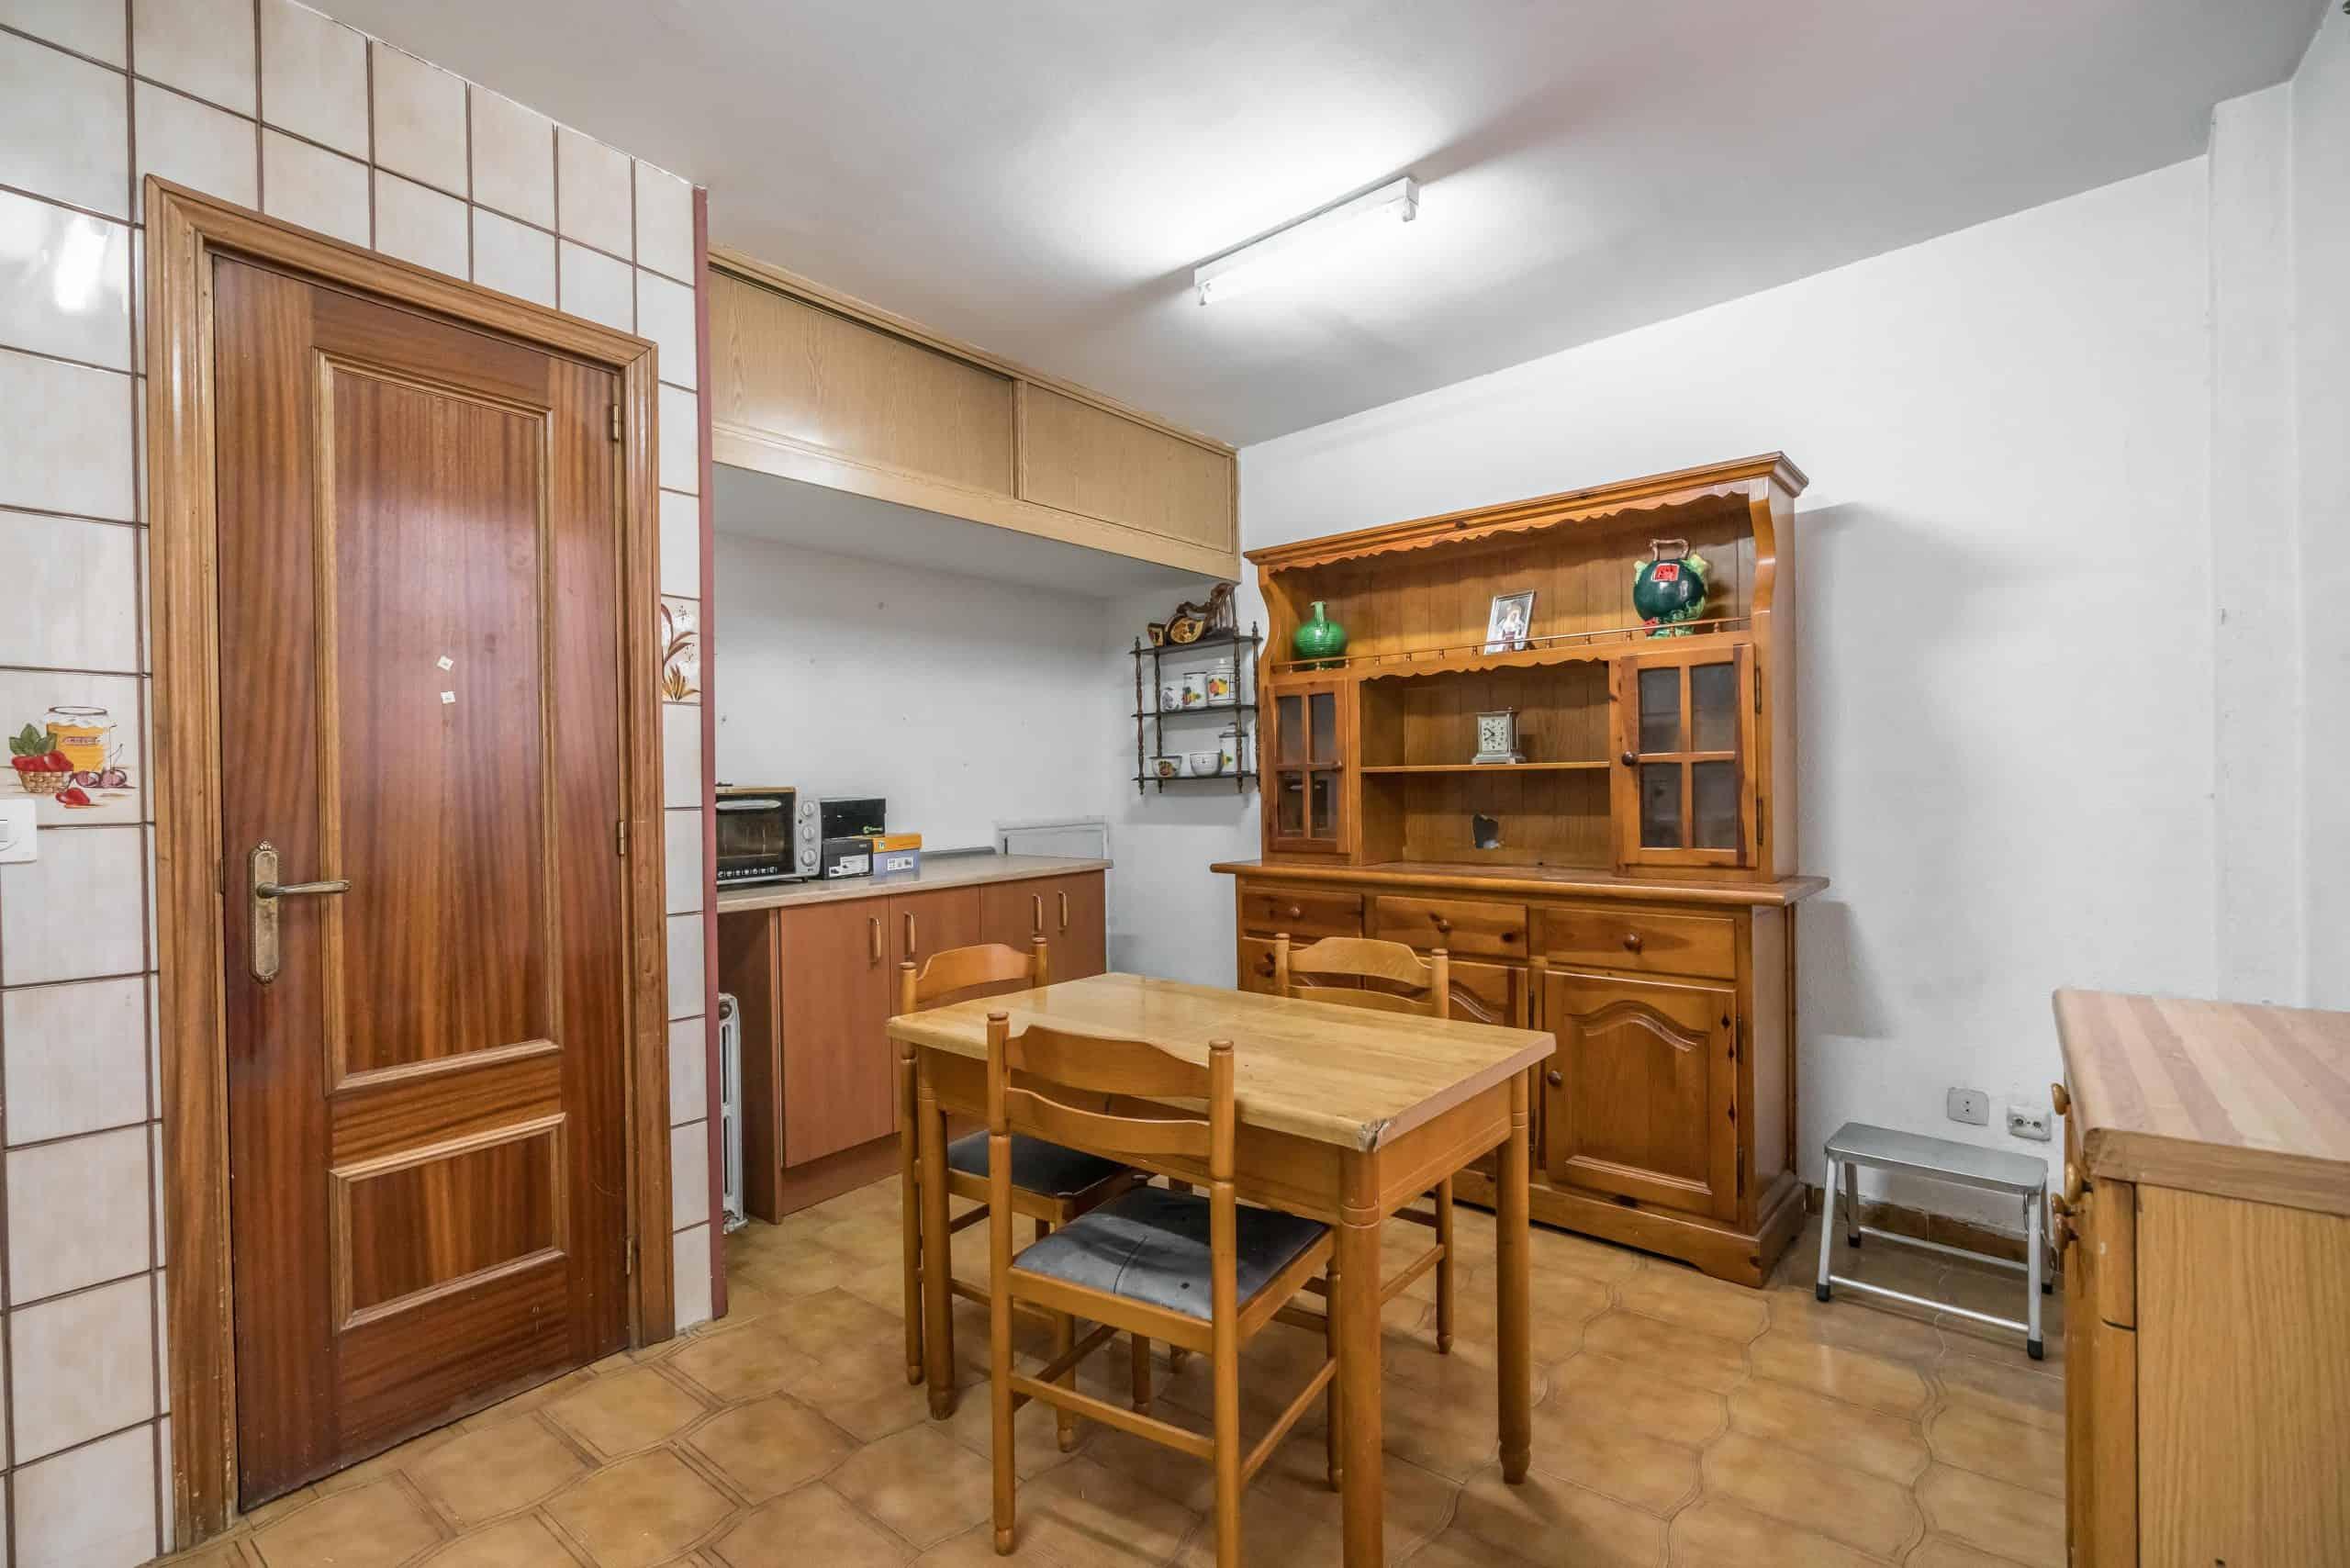 Agencia Inmobiliaria de Madrid-FUTUROCASA-Zona ARGANZUELA-LEGAZPI -calle Jaime Conquistador 27- Cocina 2